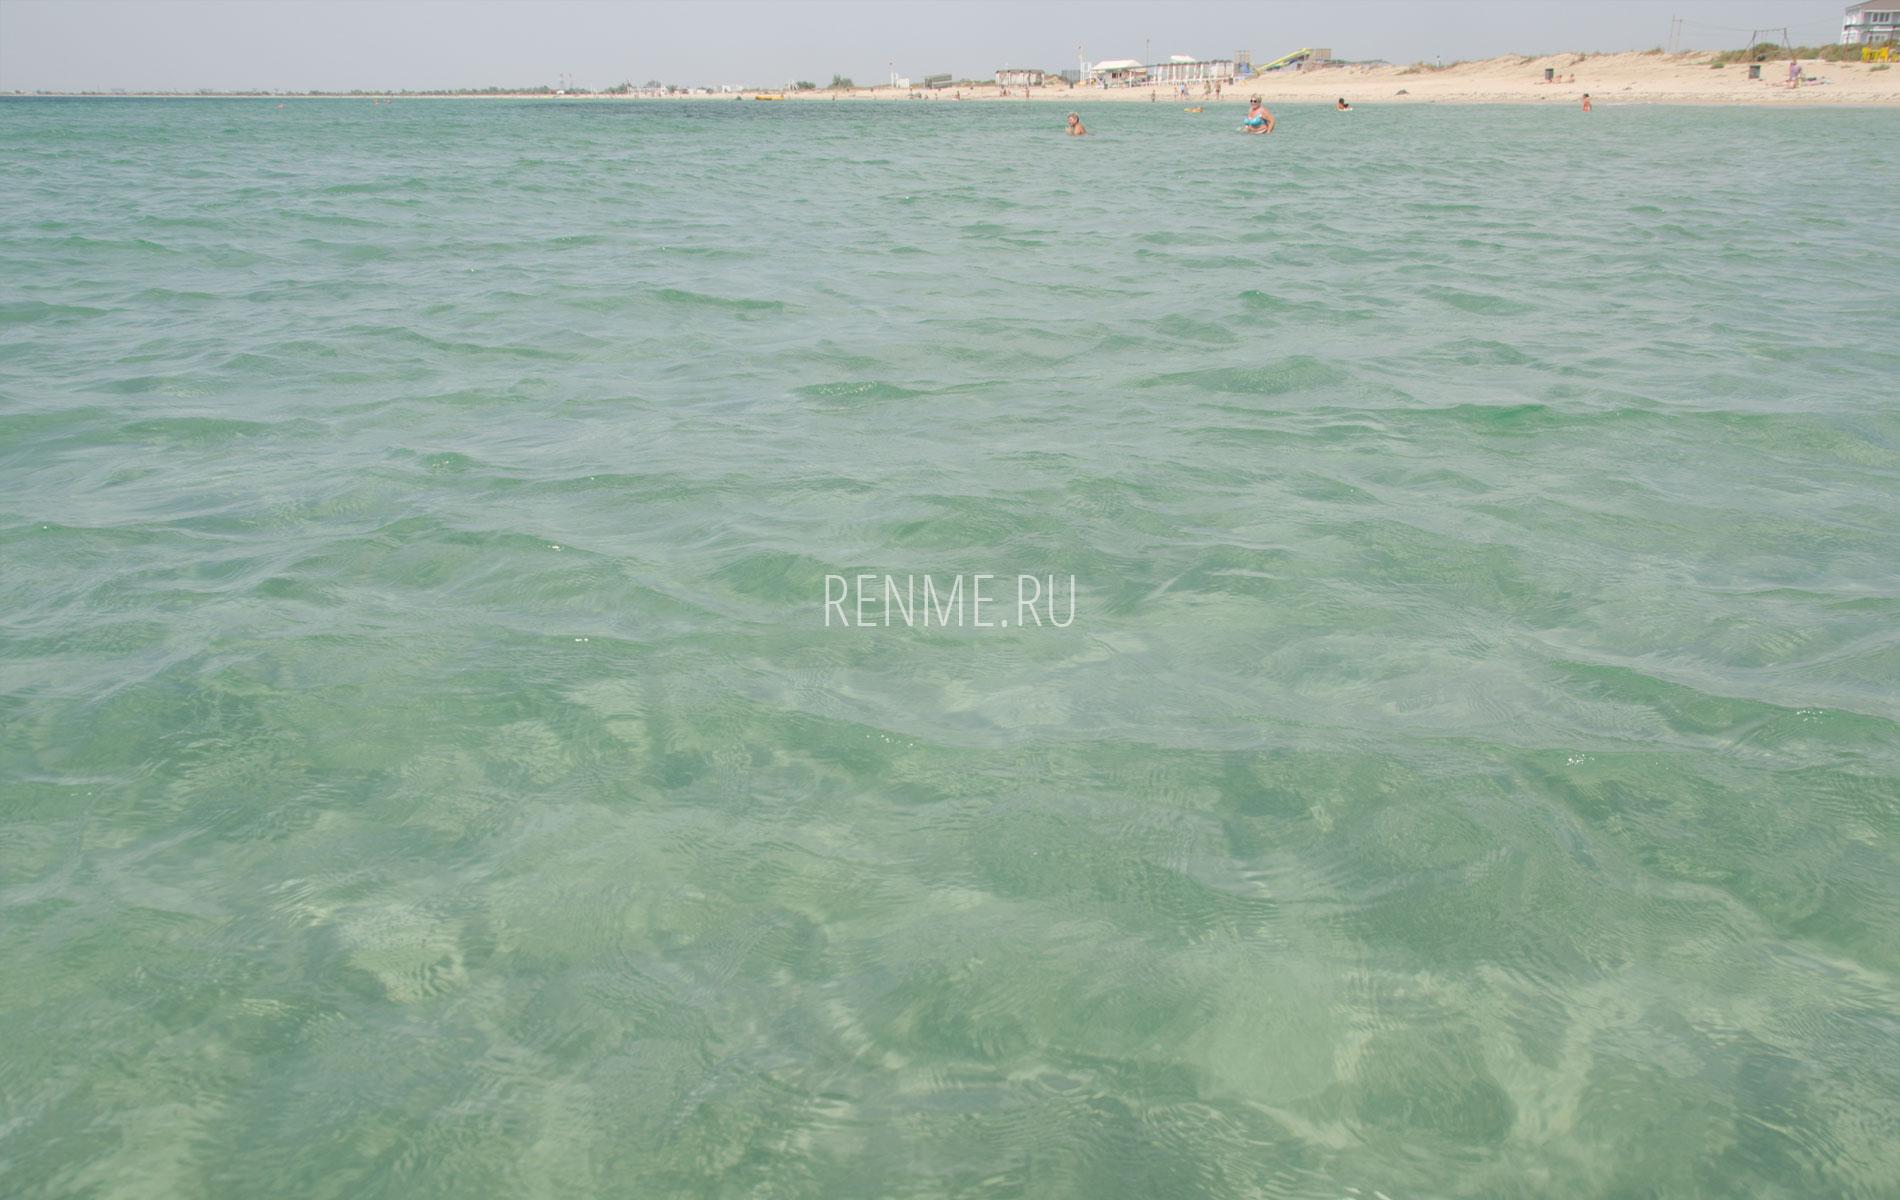 Море в Крыму сегодня. Фото Заозёрного